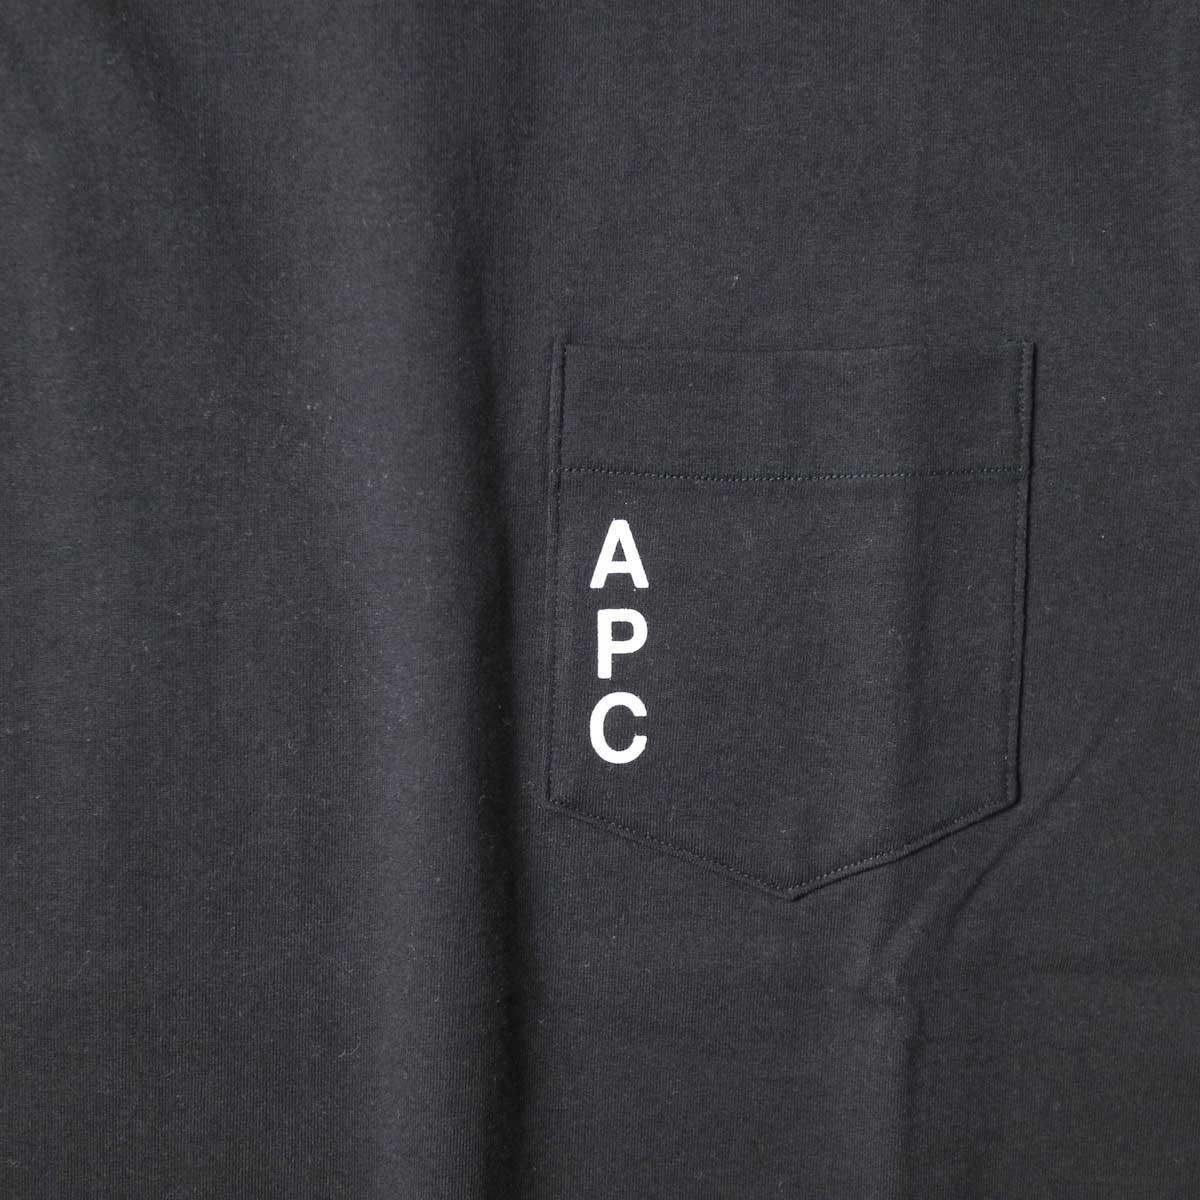 A.P.C. / Crew Neck Pocket Tee (Black) ロゴ